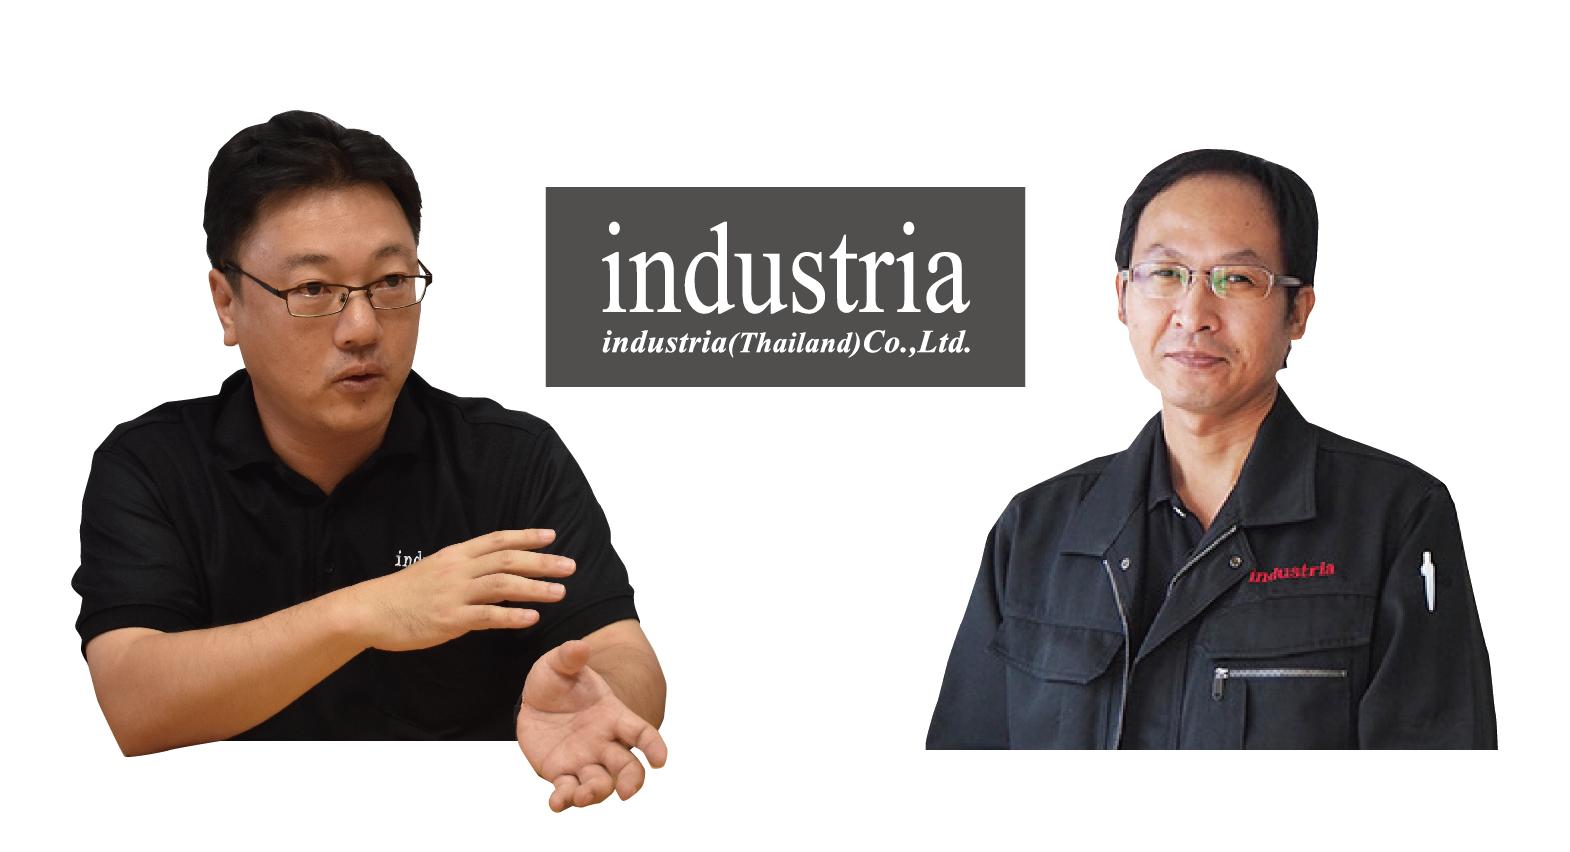 บทสัมภาษณ์ระหว่างประธานบริษัทและผู้จัดการฝ่ายขายในประเทศไทย เกี่ยวกับไส้กรองอุตสาหกรรมกว่า 5 หมื่นแท่งที่จัดส่งไปทั่วโลก!